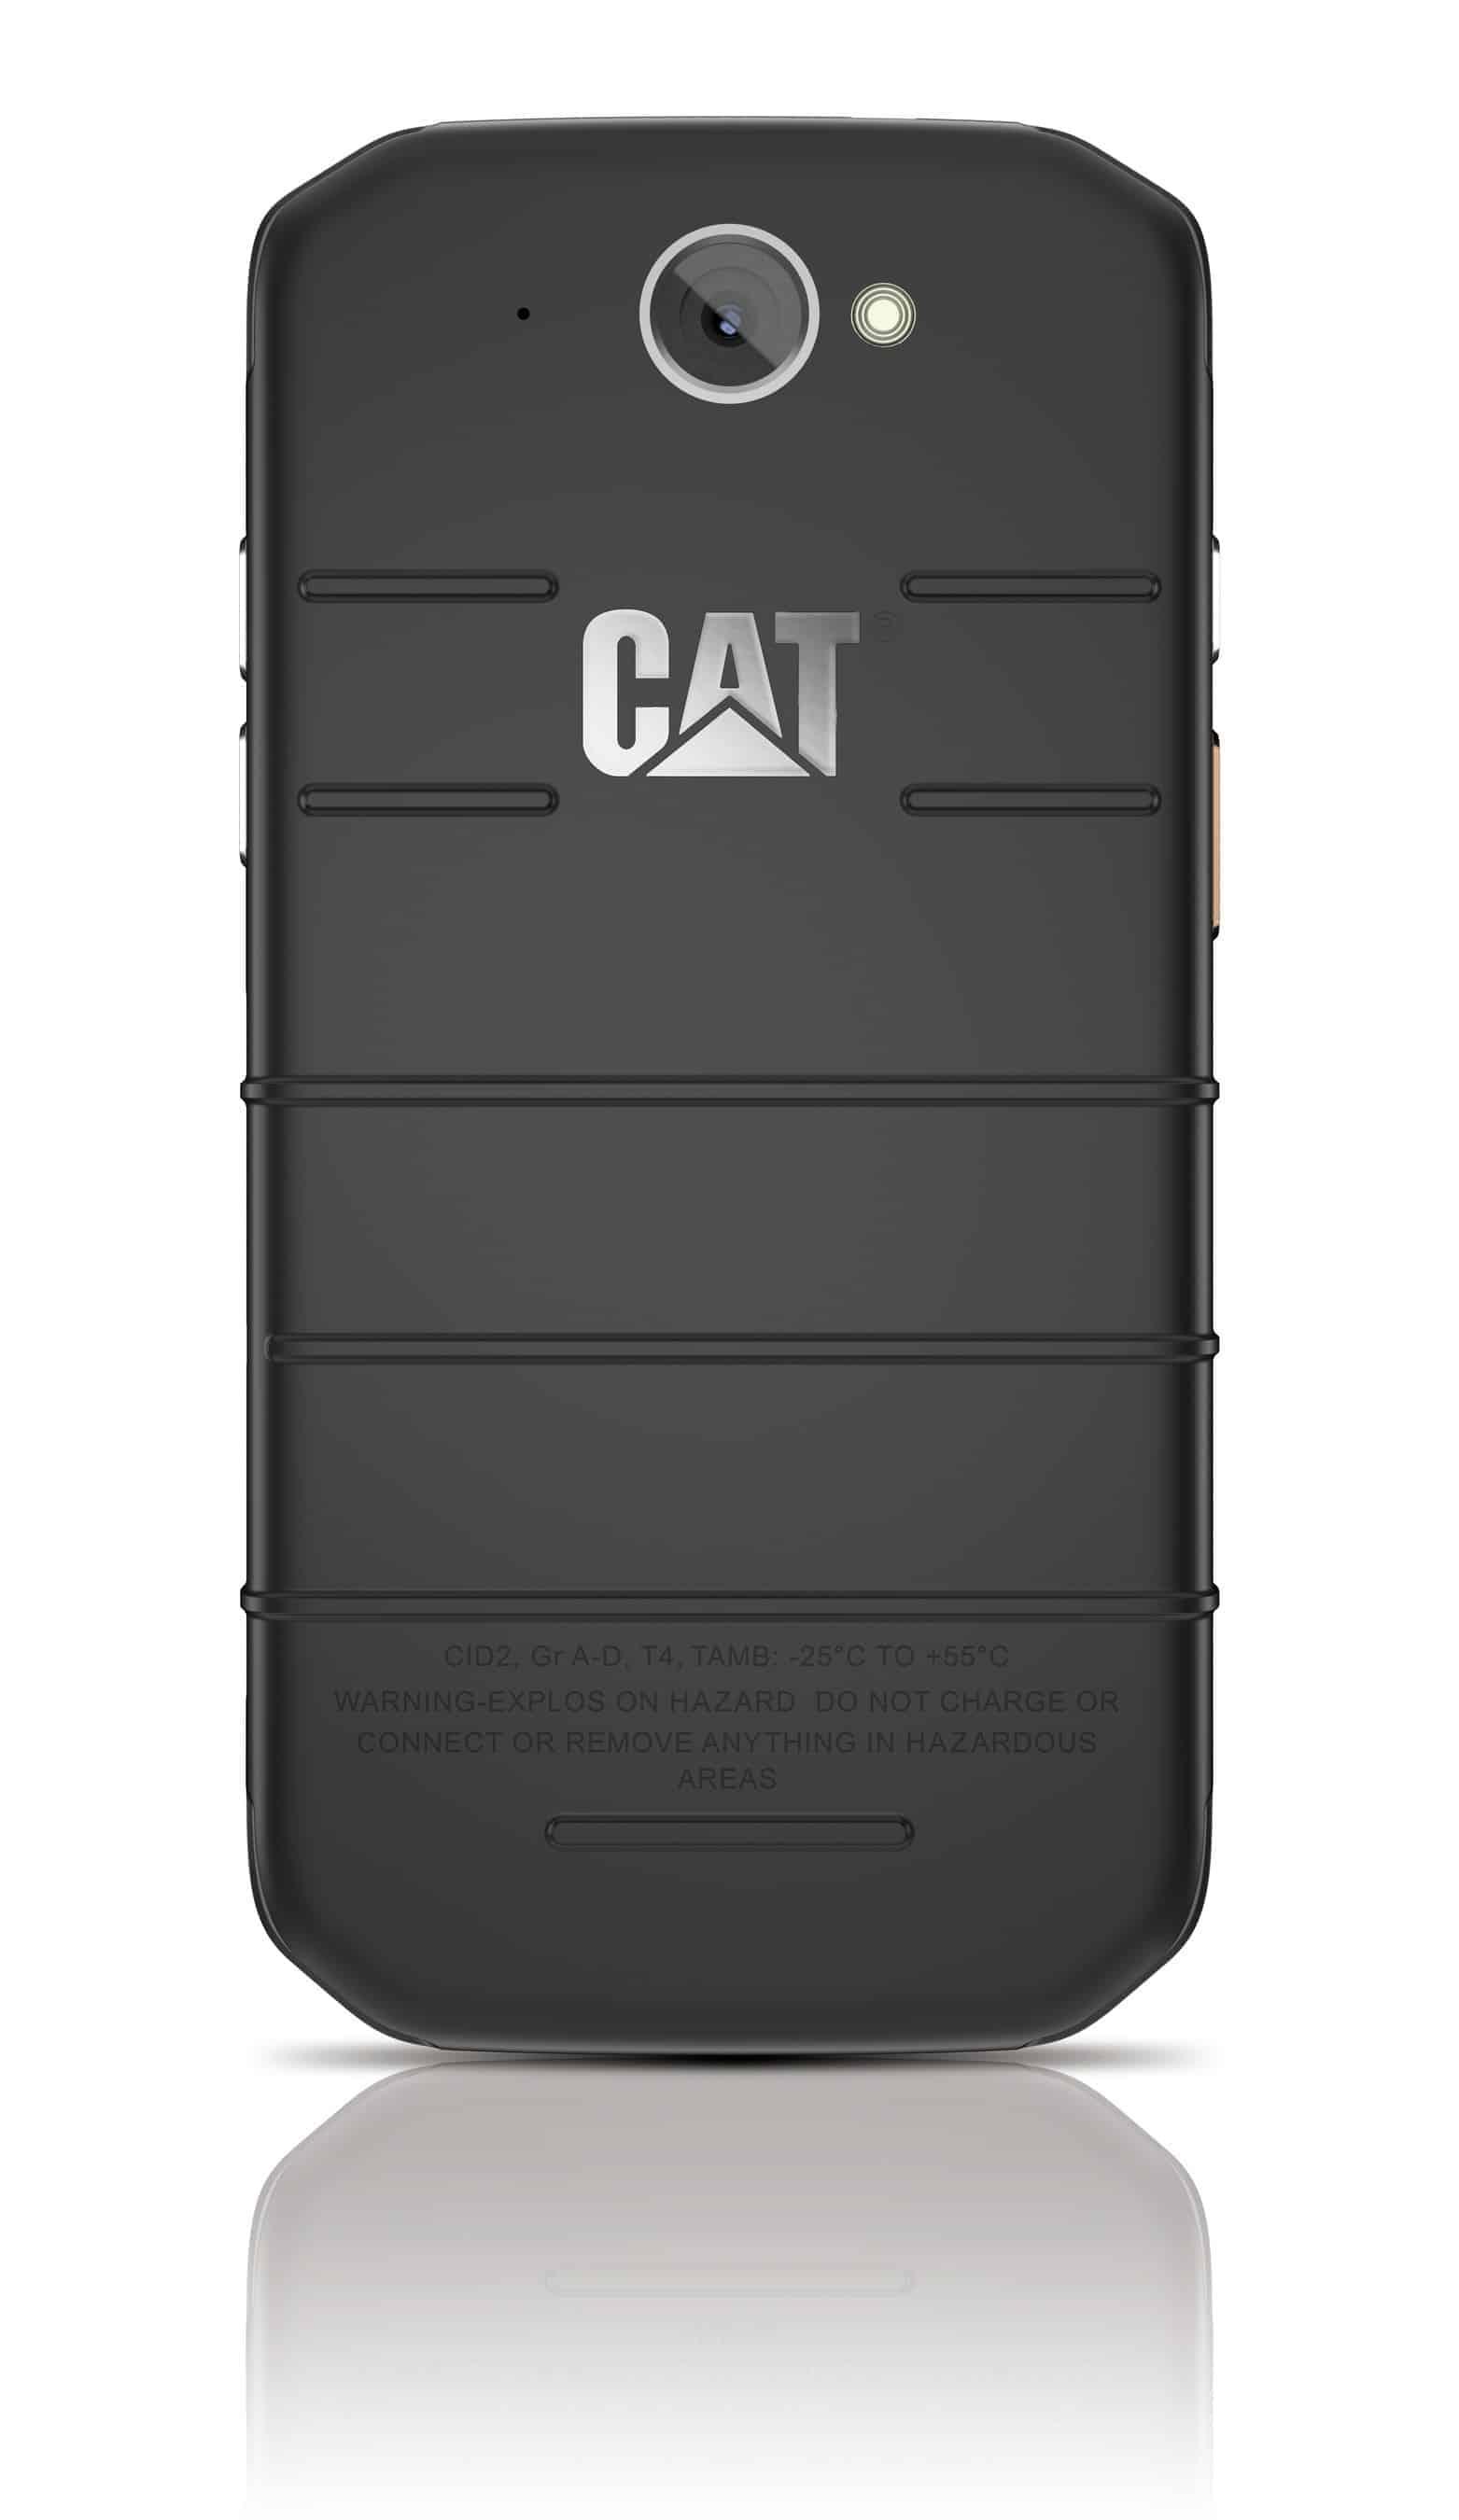 Cat S48c Smartphone 2